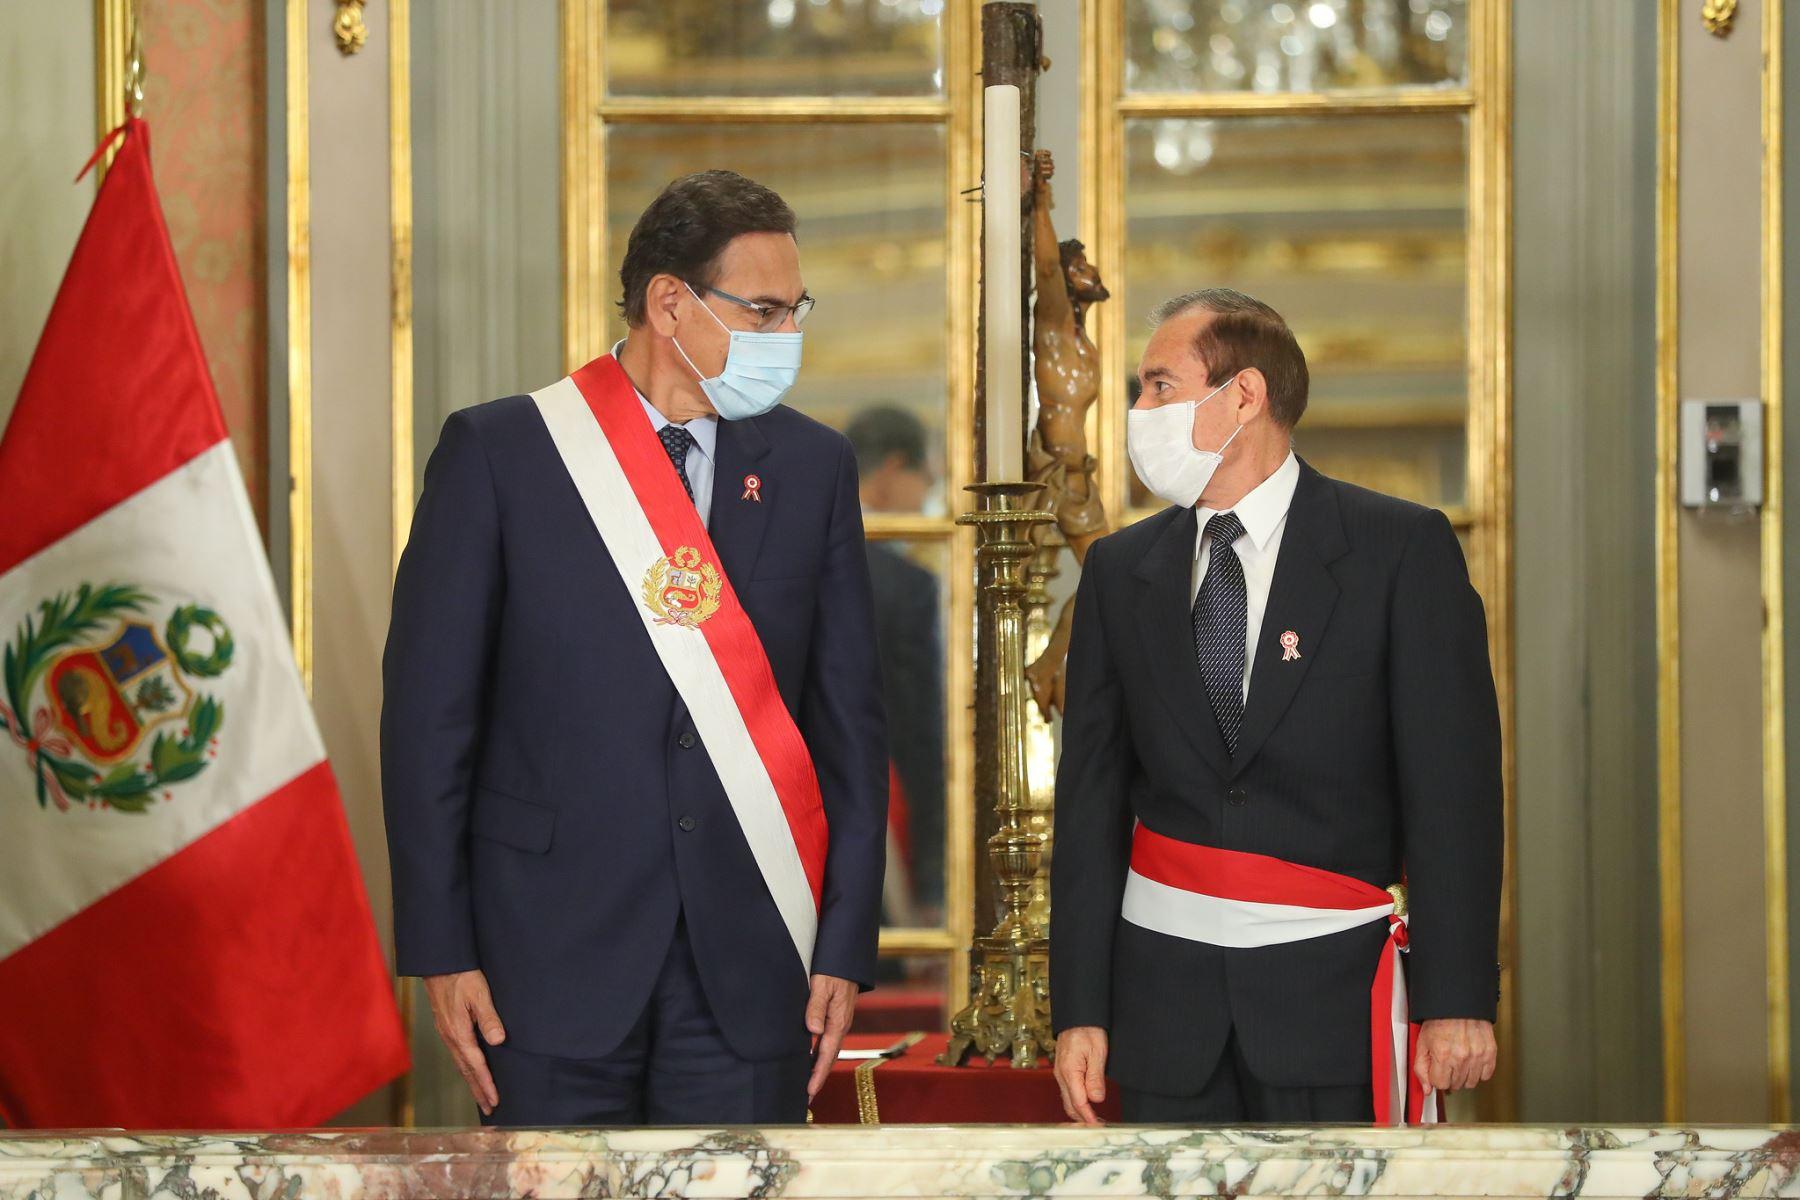 Presidente Martín Vizcarra tomo juramento a Walter Martos como ministro de Defensa. Foto: ANDINA/Presidencia